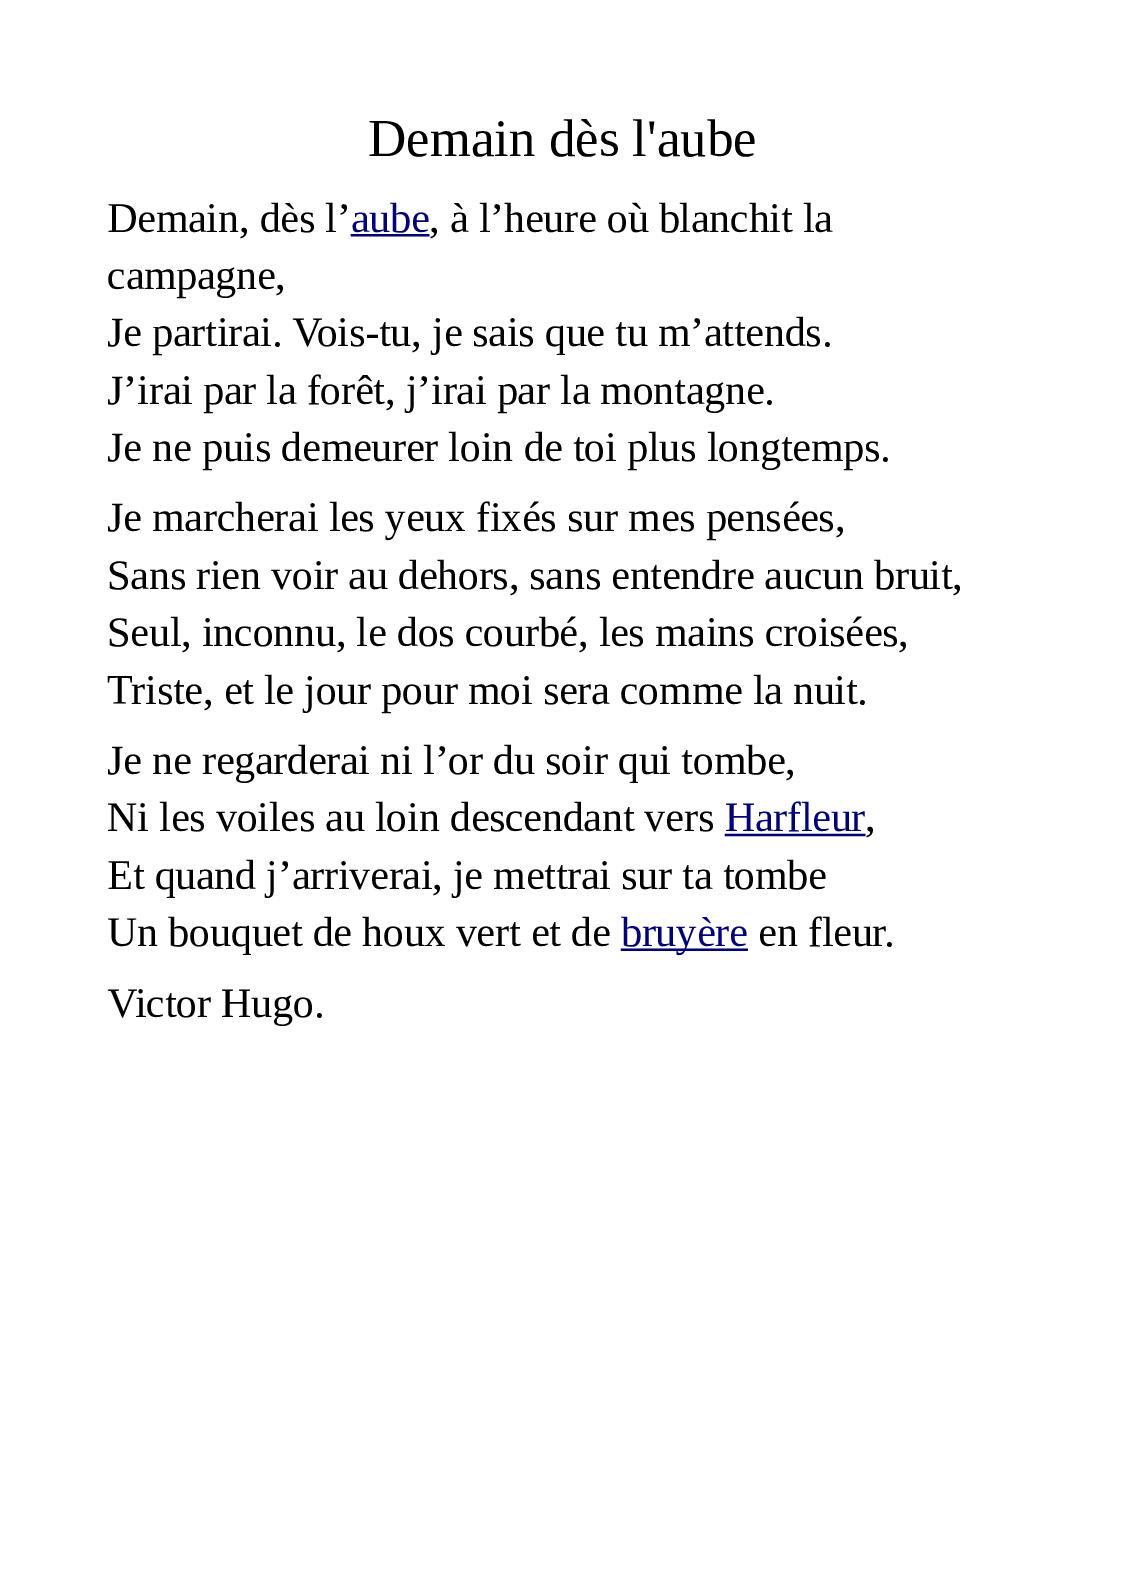 Demain Des L'aube Victor Hugo : demain, l'aube, victor, Calaméo, Demain, L'aube, Victor, (1847)